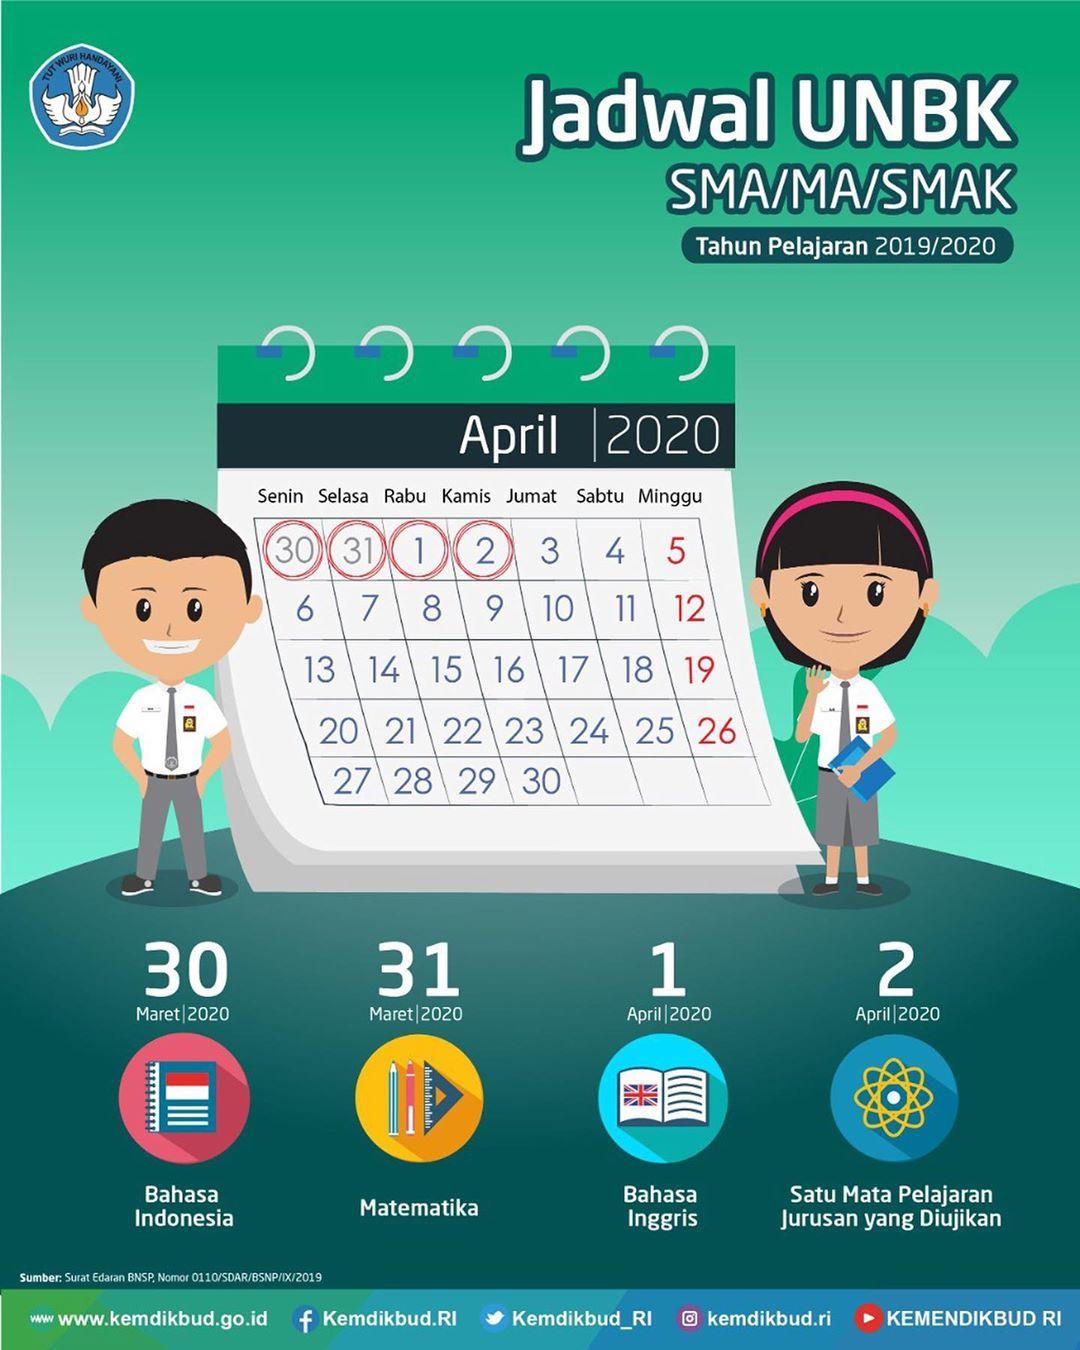 Jadwal UNBK SMA MA SMAK Tahun Pelajaran 2019/2020